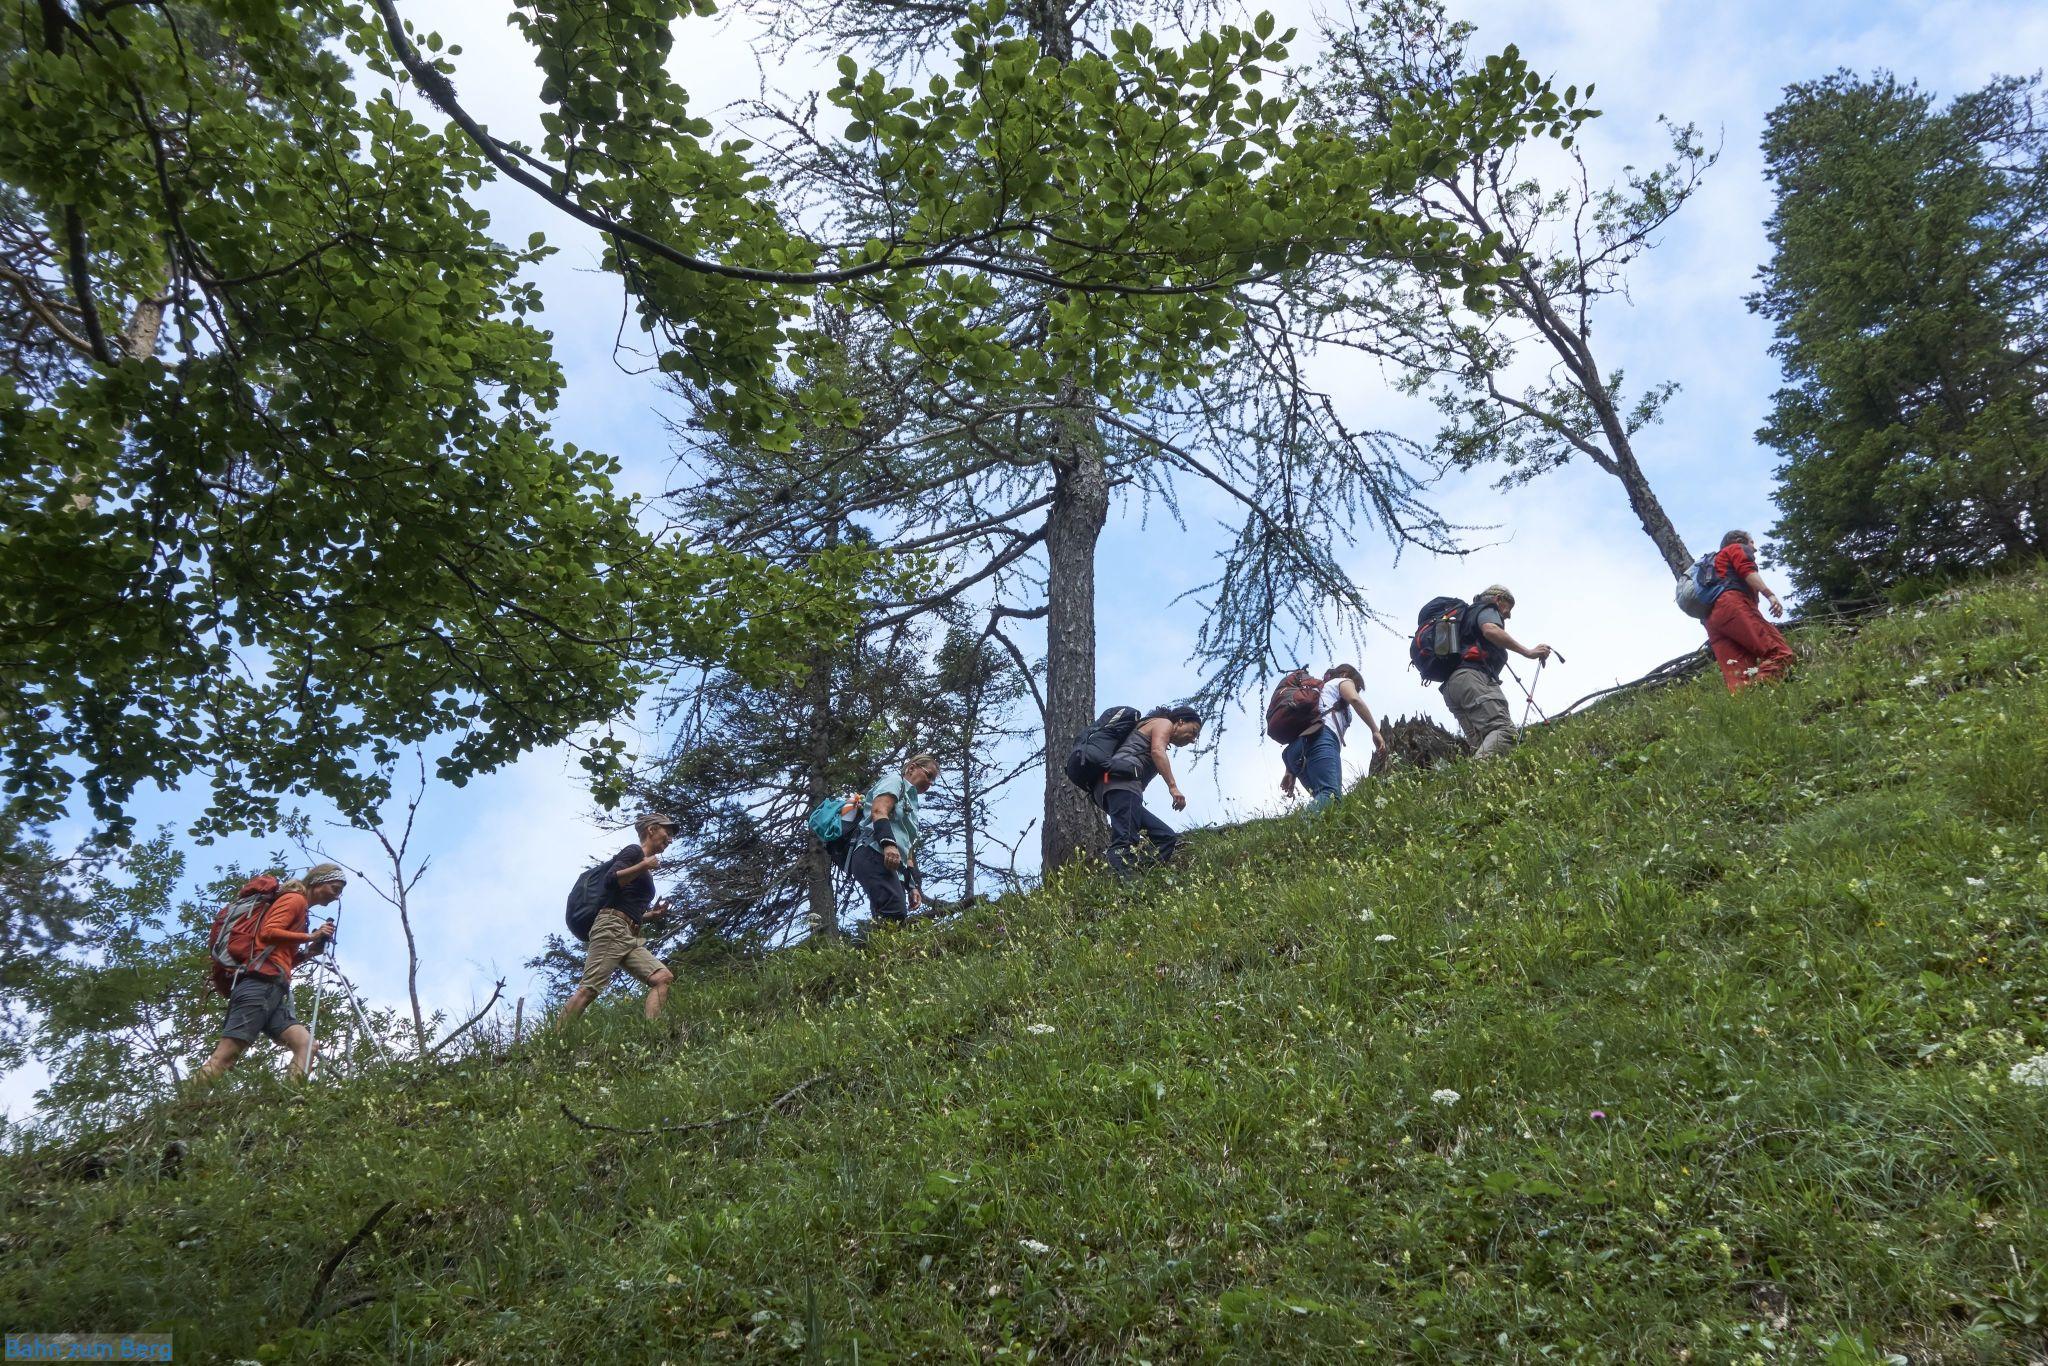 Im Karlgraben geht es moderat steigend im Wald bergauf.